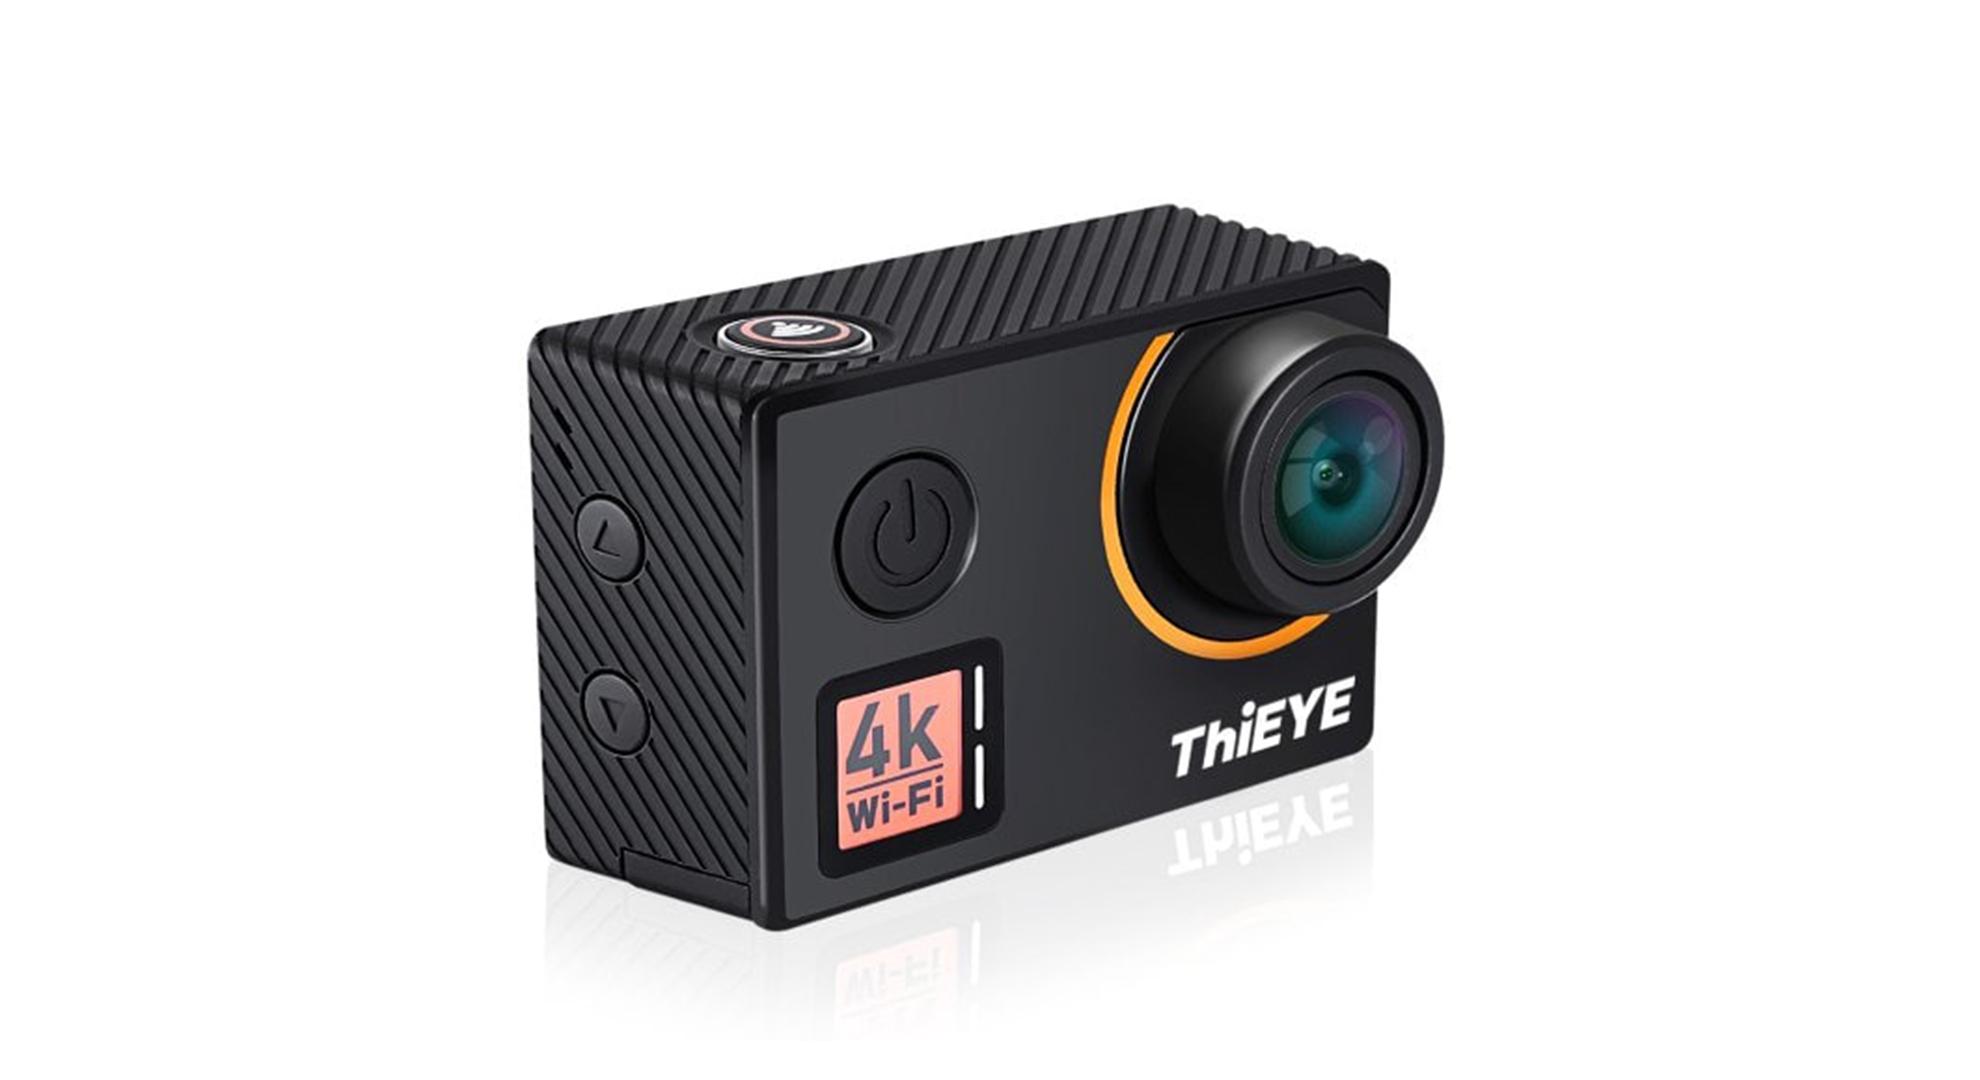 ThiEYE T5 je 4K outdoorová kamerka za 1 847 Kč! [sponzorovaný článek]